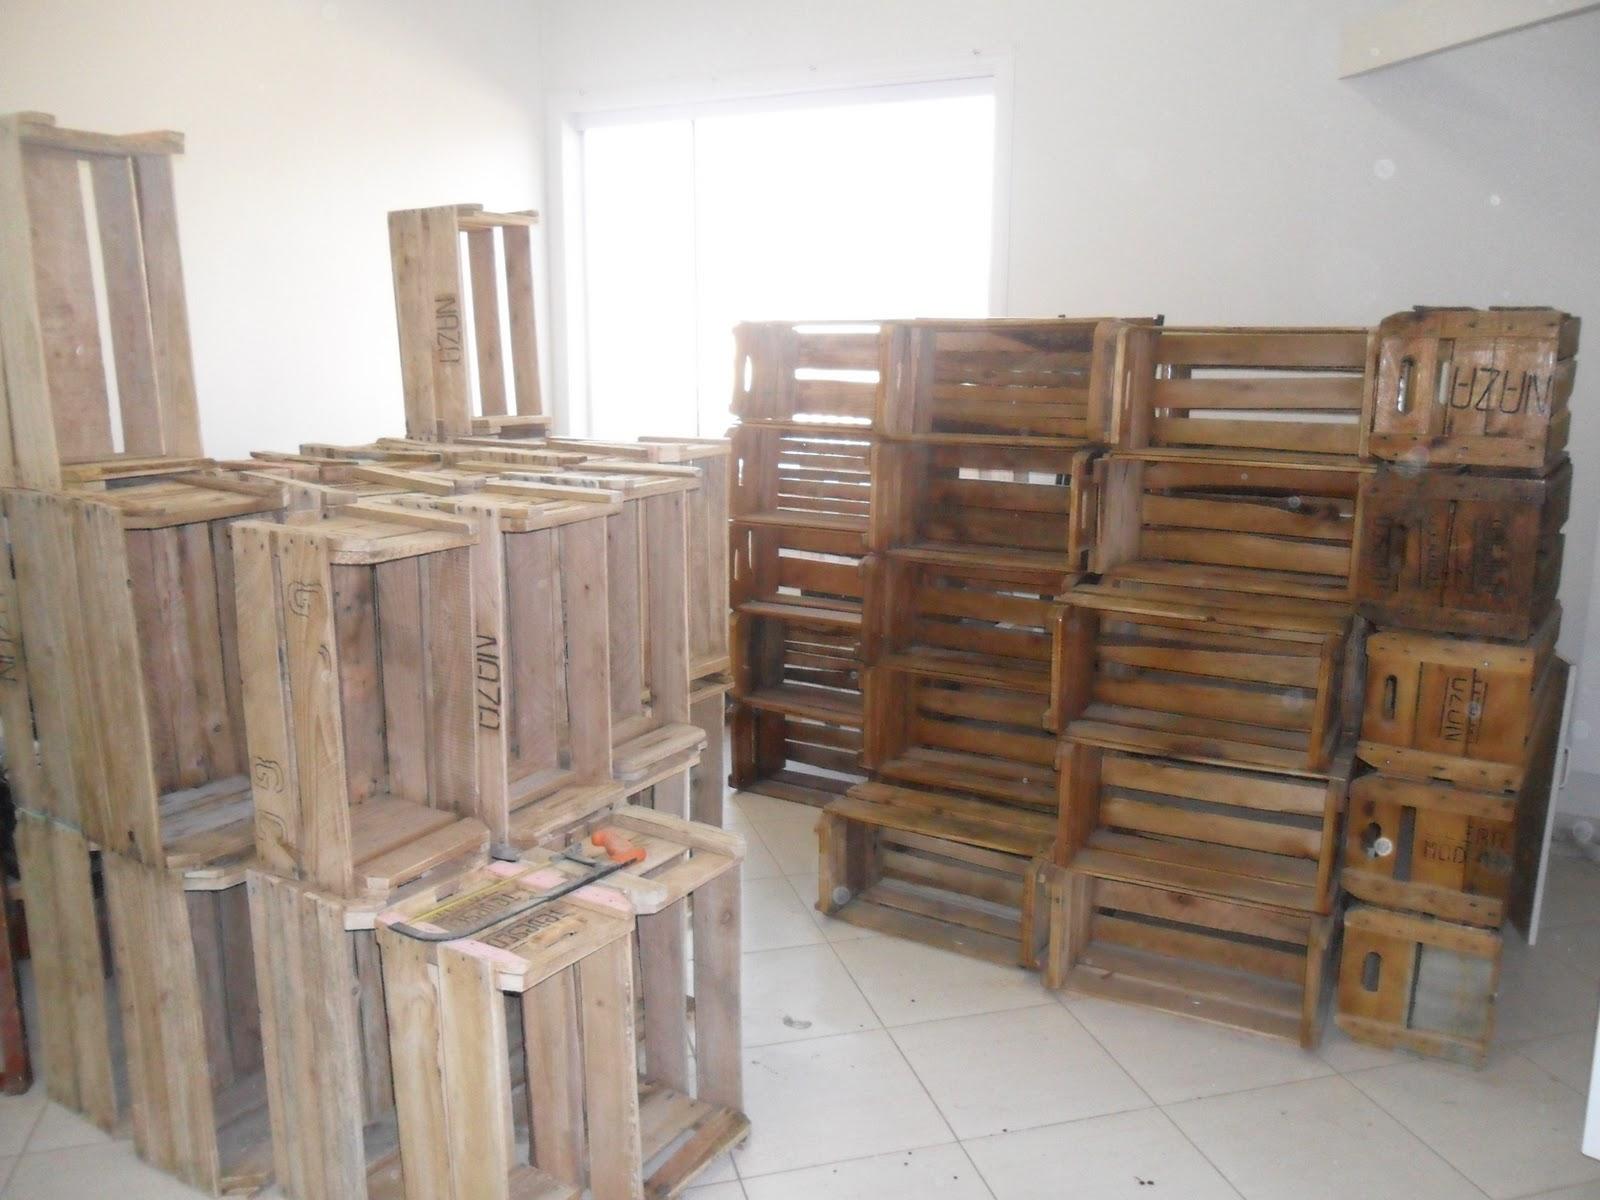 Pimenta  Pintura e Decoração: Módulos de caixote de feira #664934 1600x1200